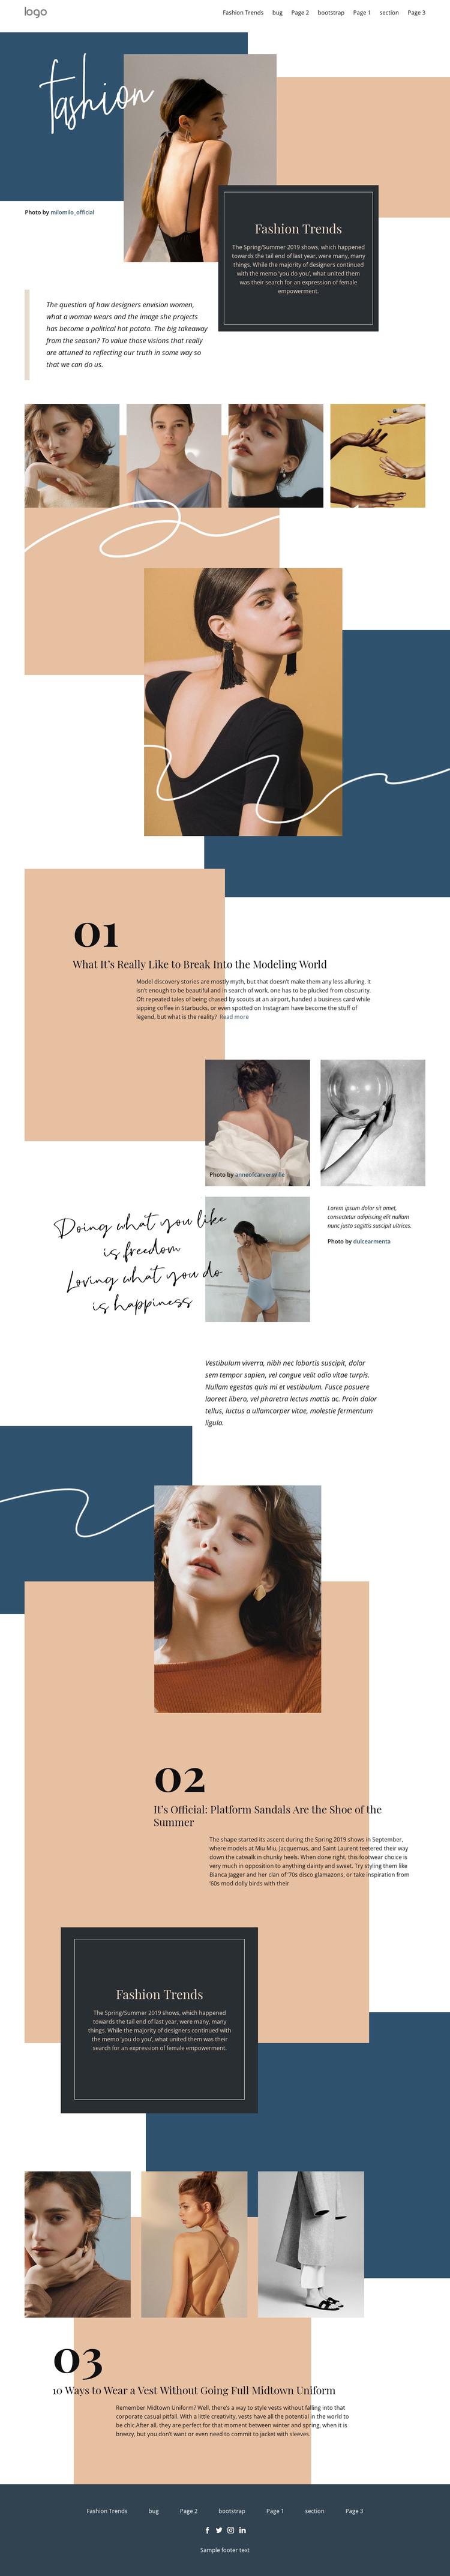 Innovative trends in fashion  Web Design